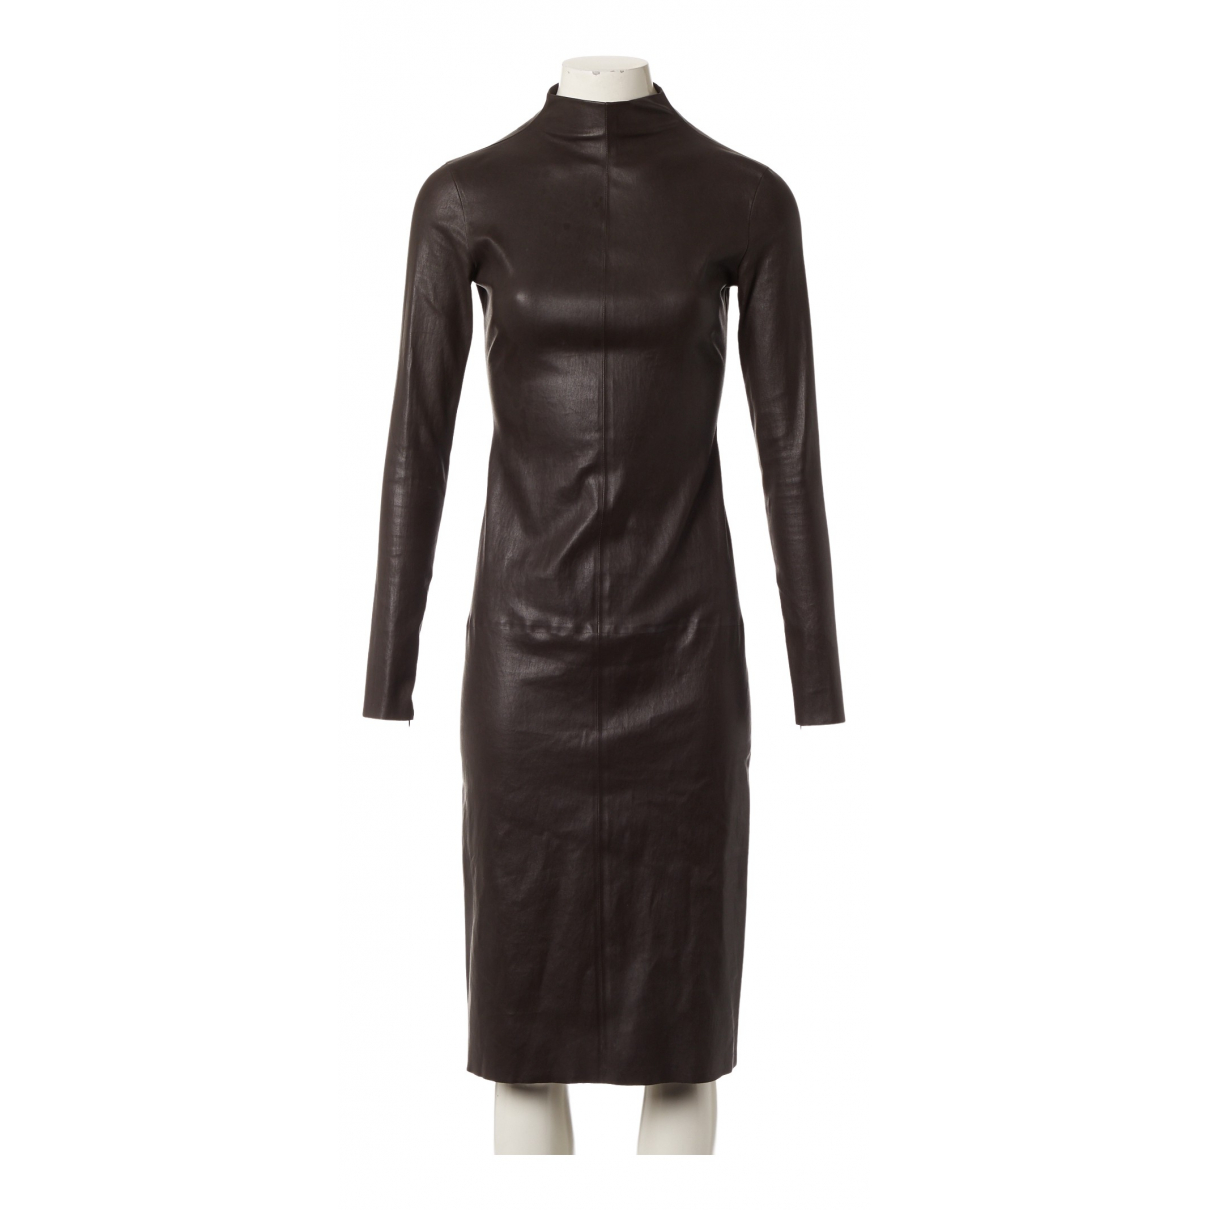 Bottega Veneta N Black Leather dress for Women 36 IT